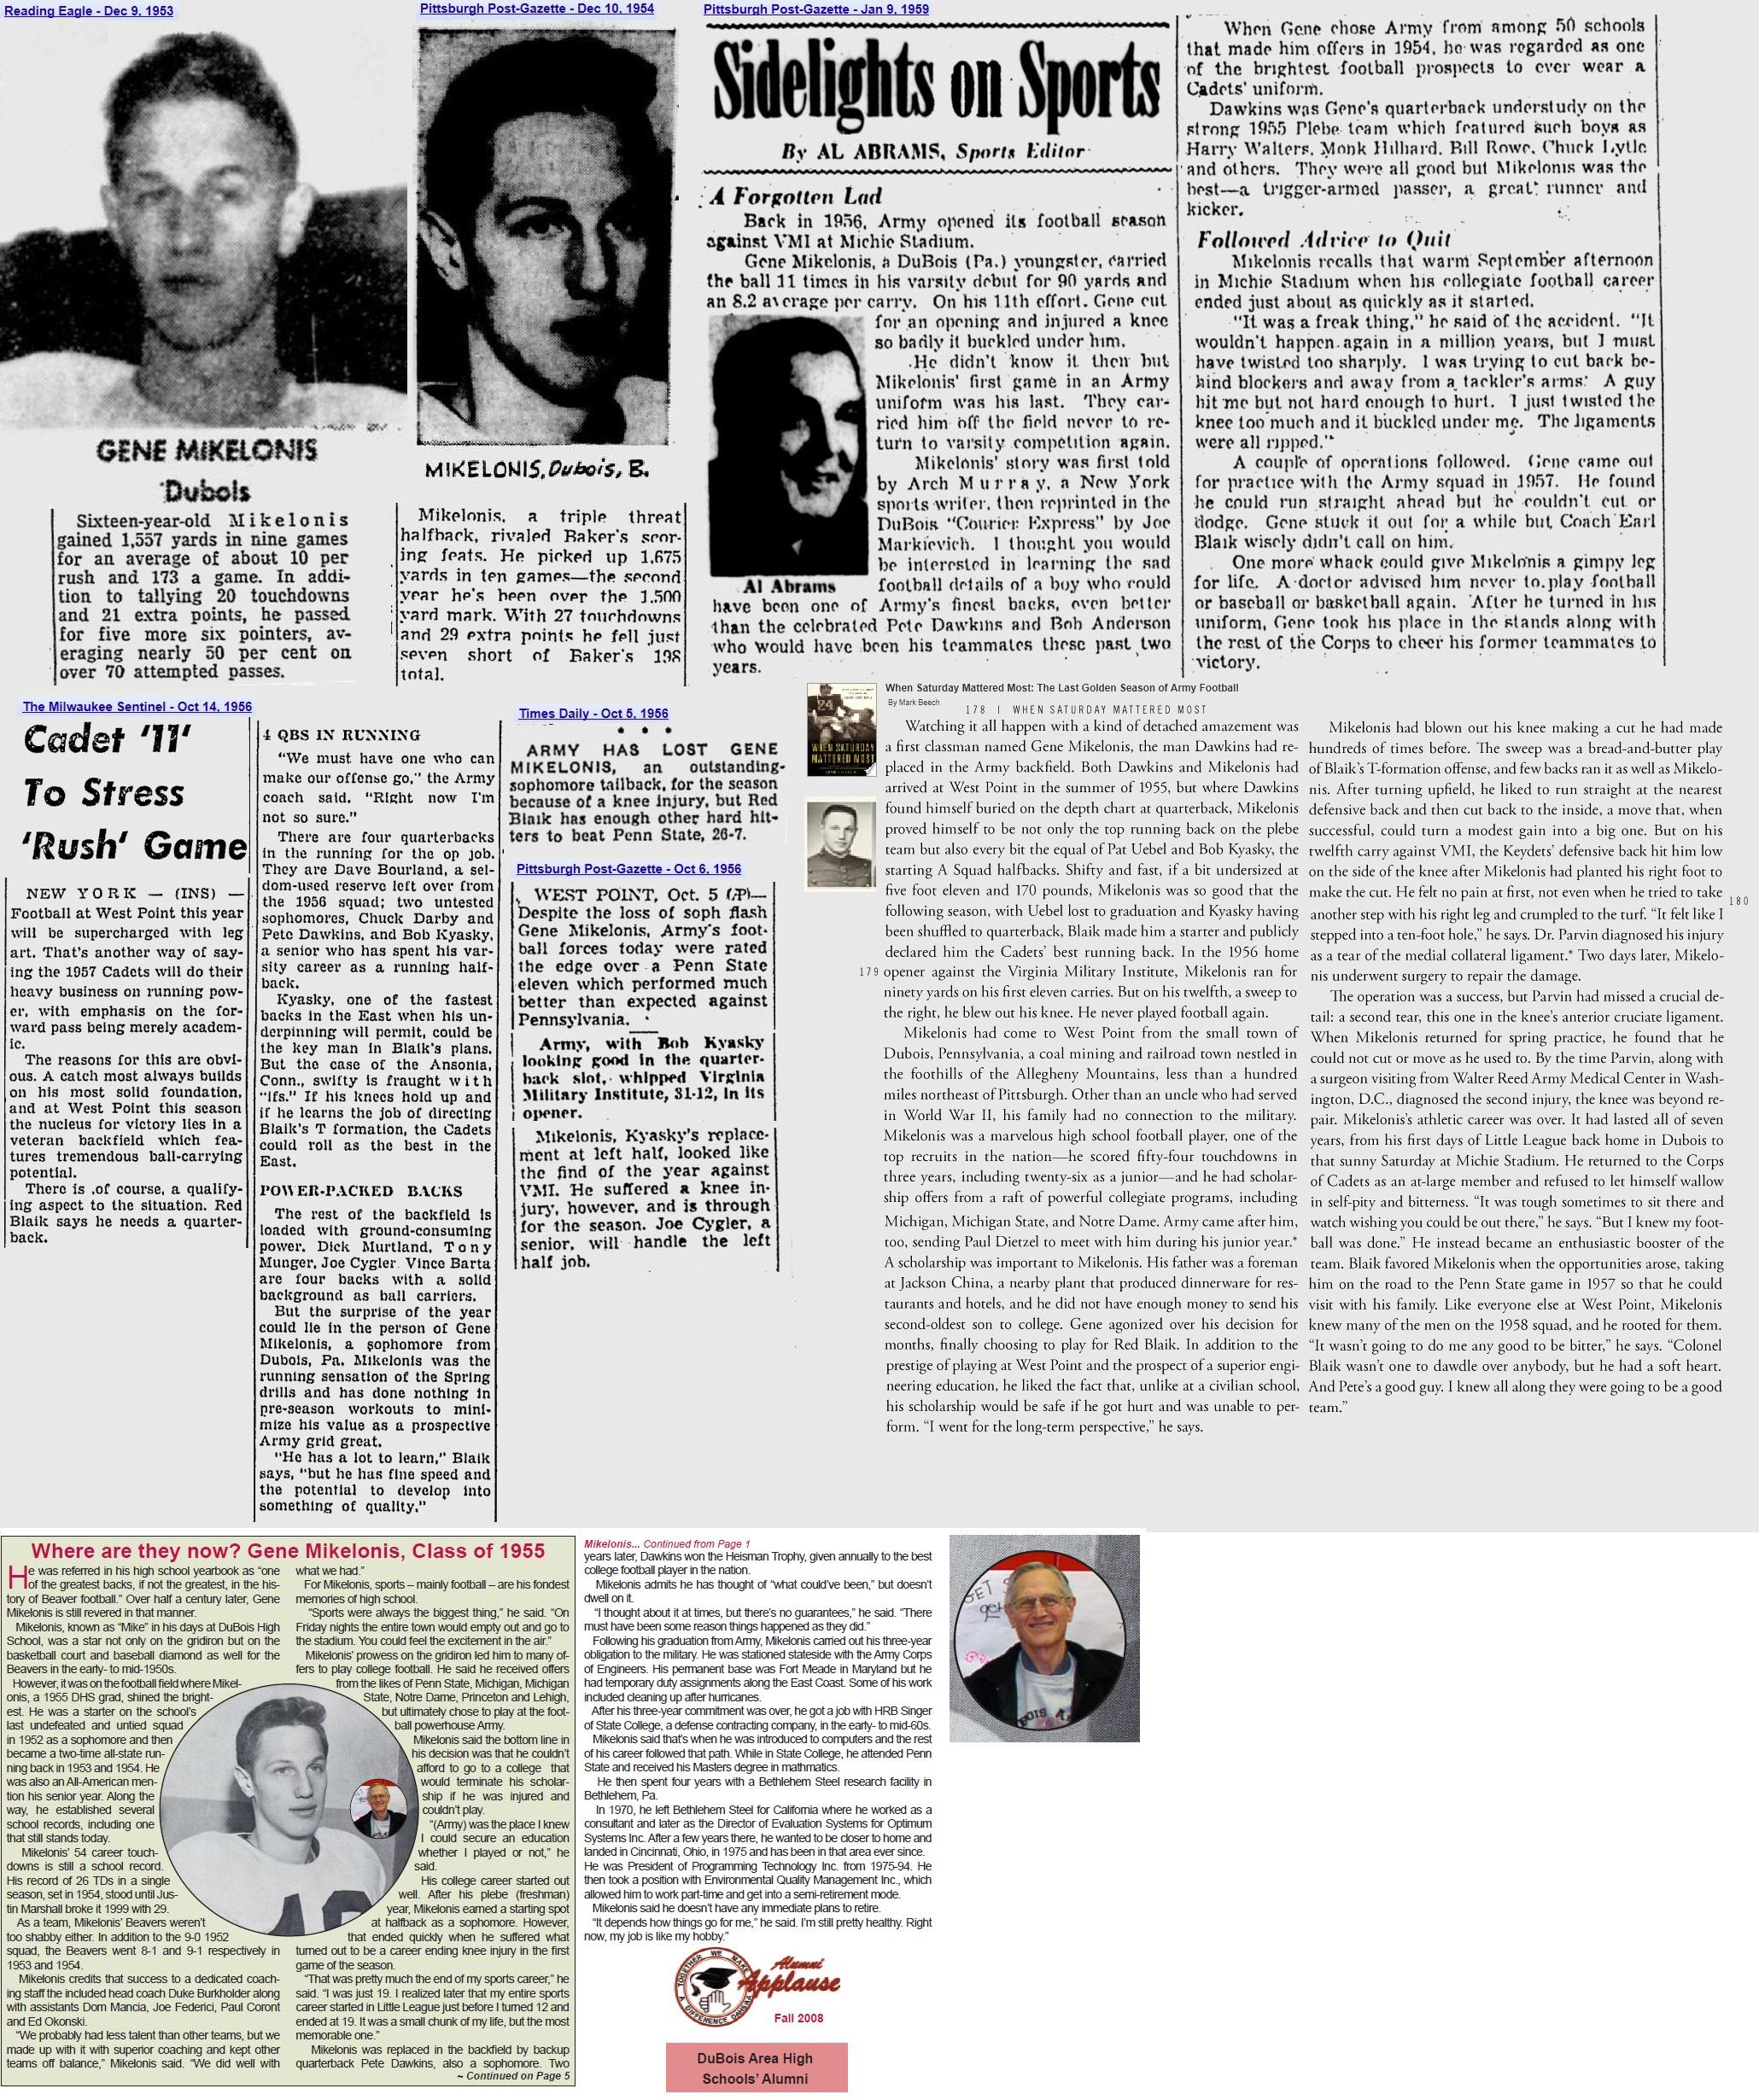 ArmyFB_1956_GeneMikelonis_Various